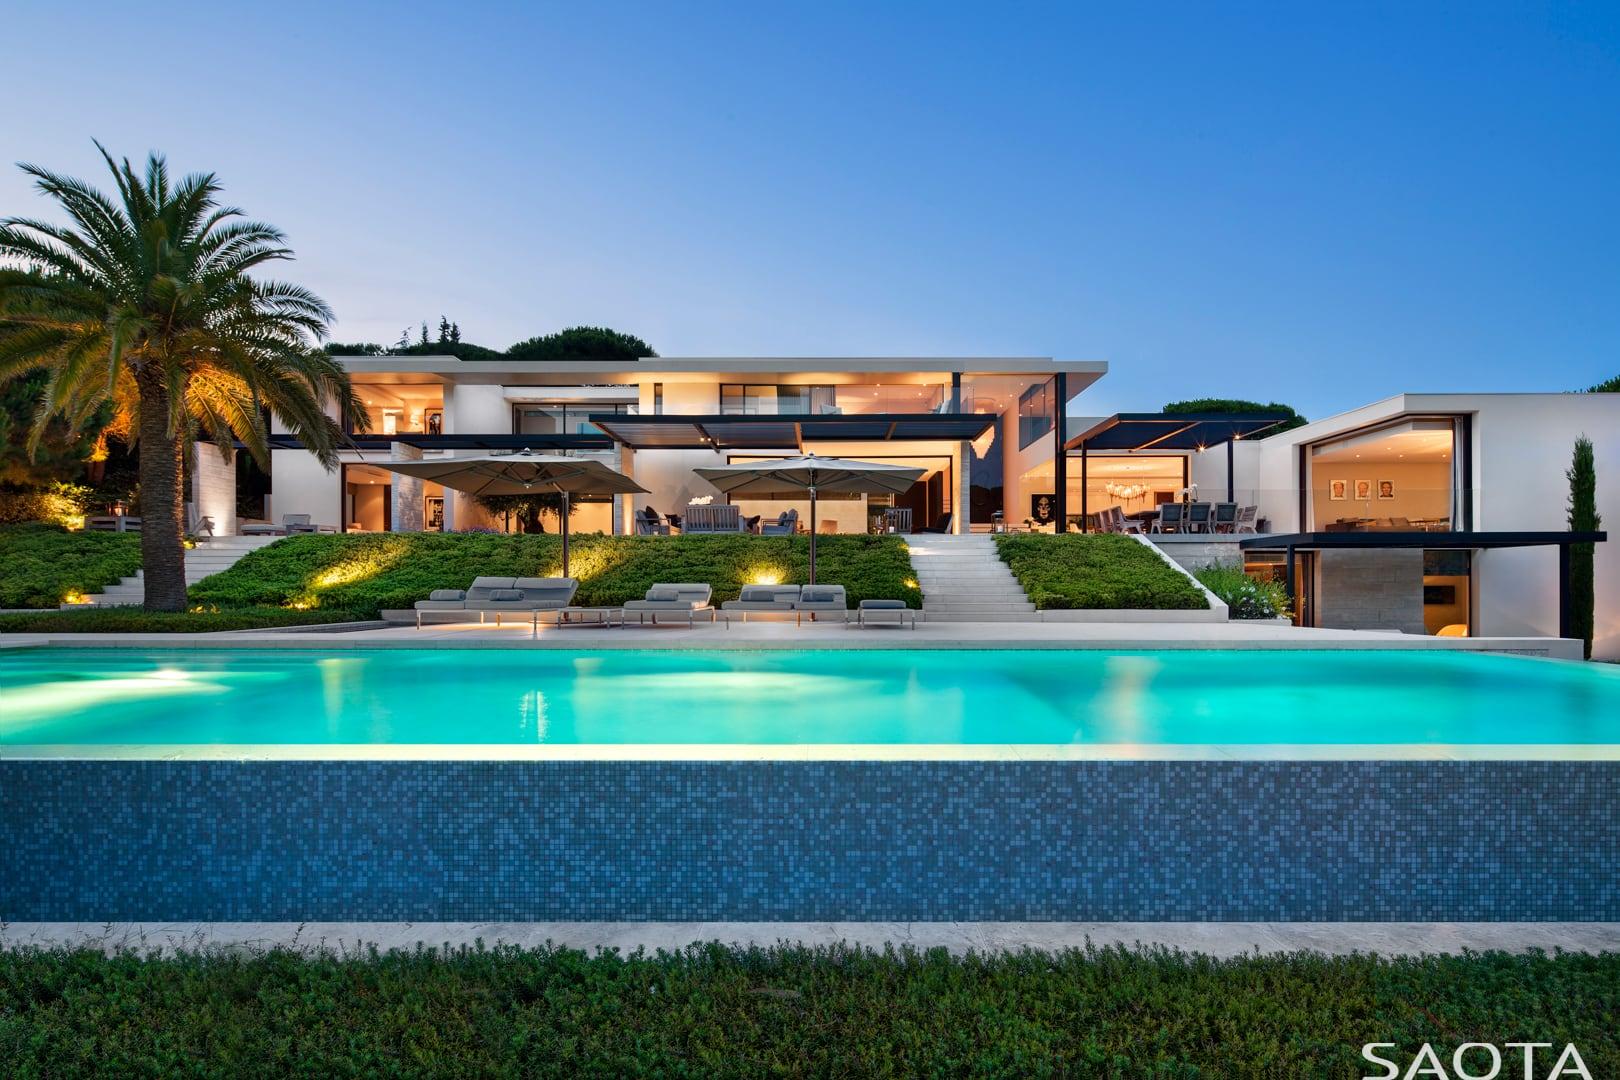 An der französischen Riviera: St. Tropez Residence by SAOTA 2